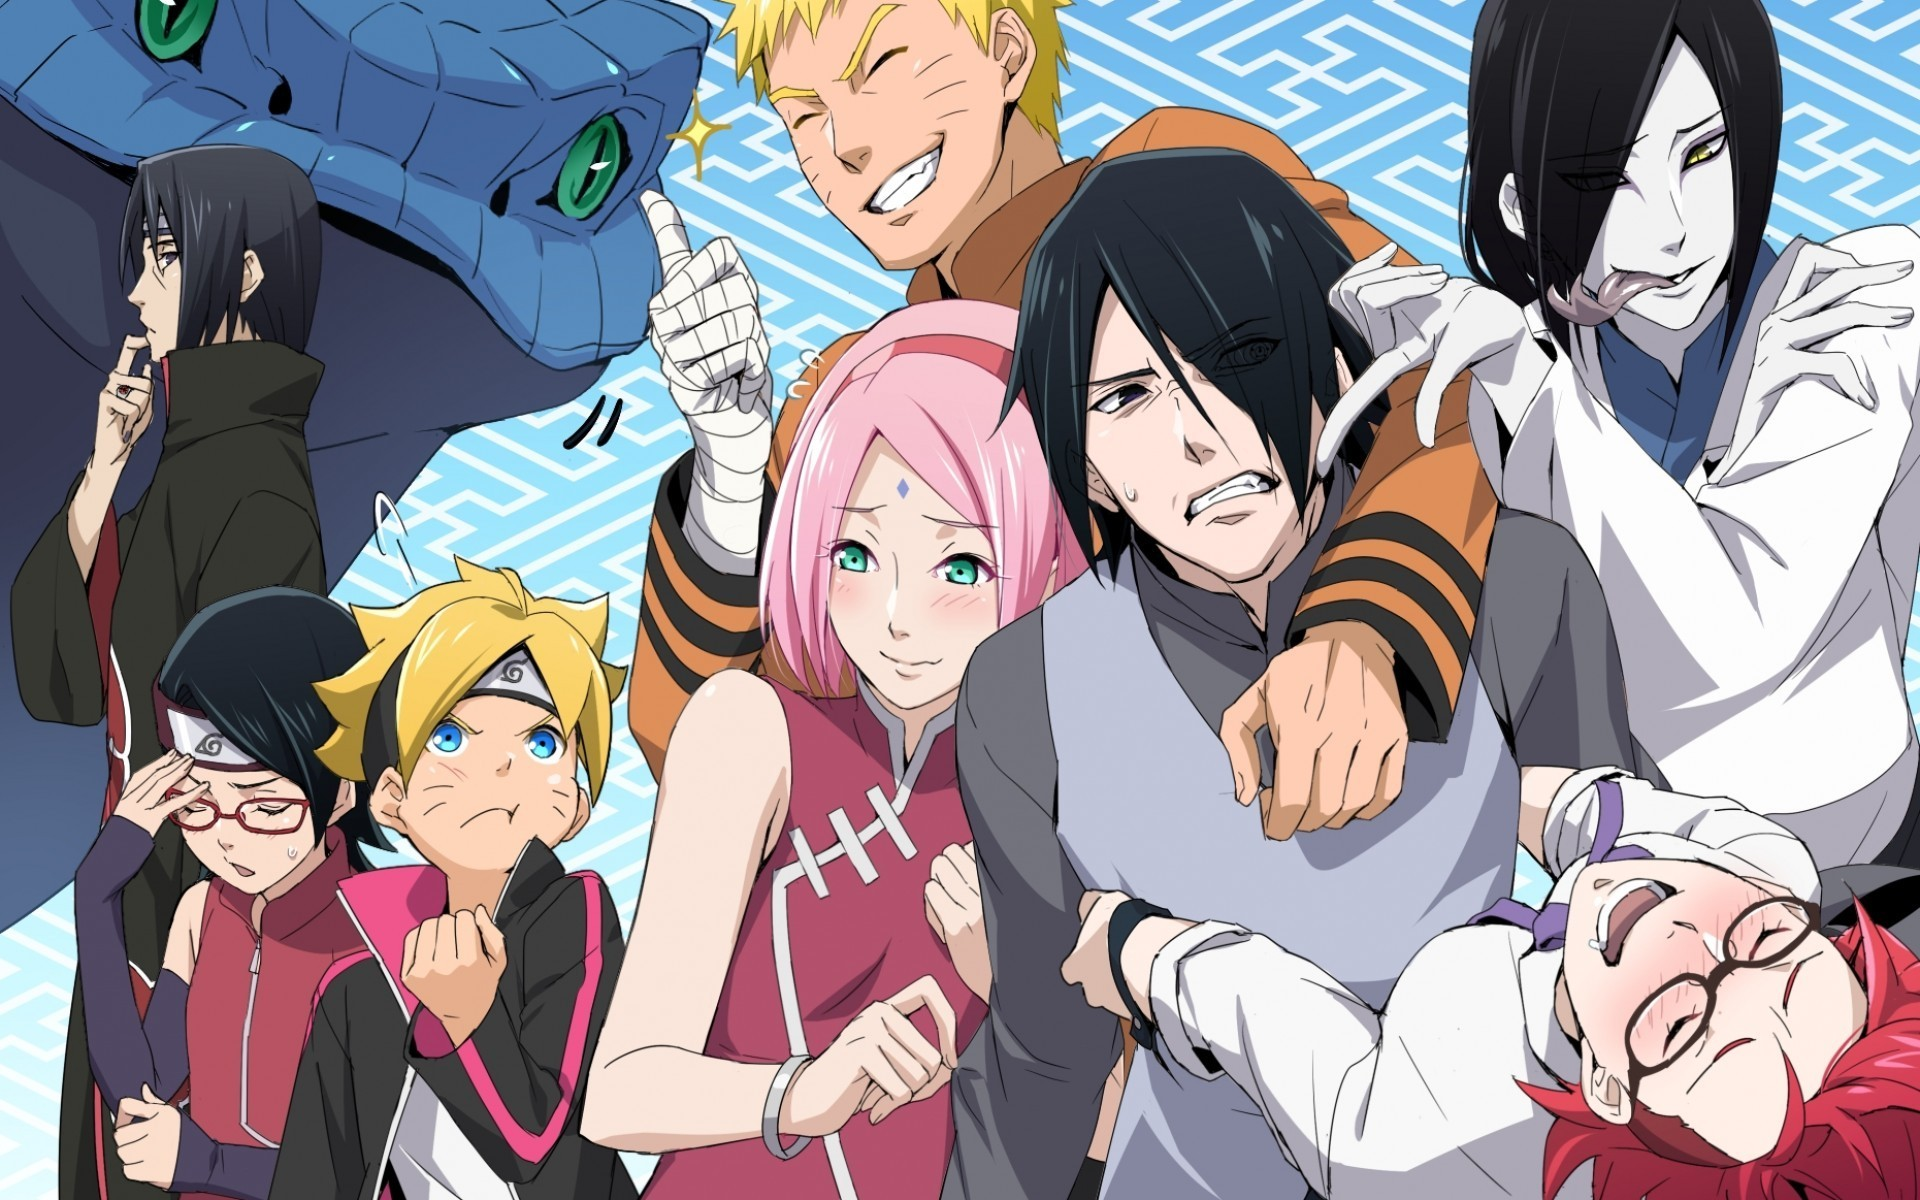 Res: 1920x1200, Haruno Sakura, Uzumaki Naruto, Uchiha Sarada, Orochimaru